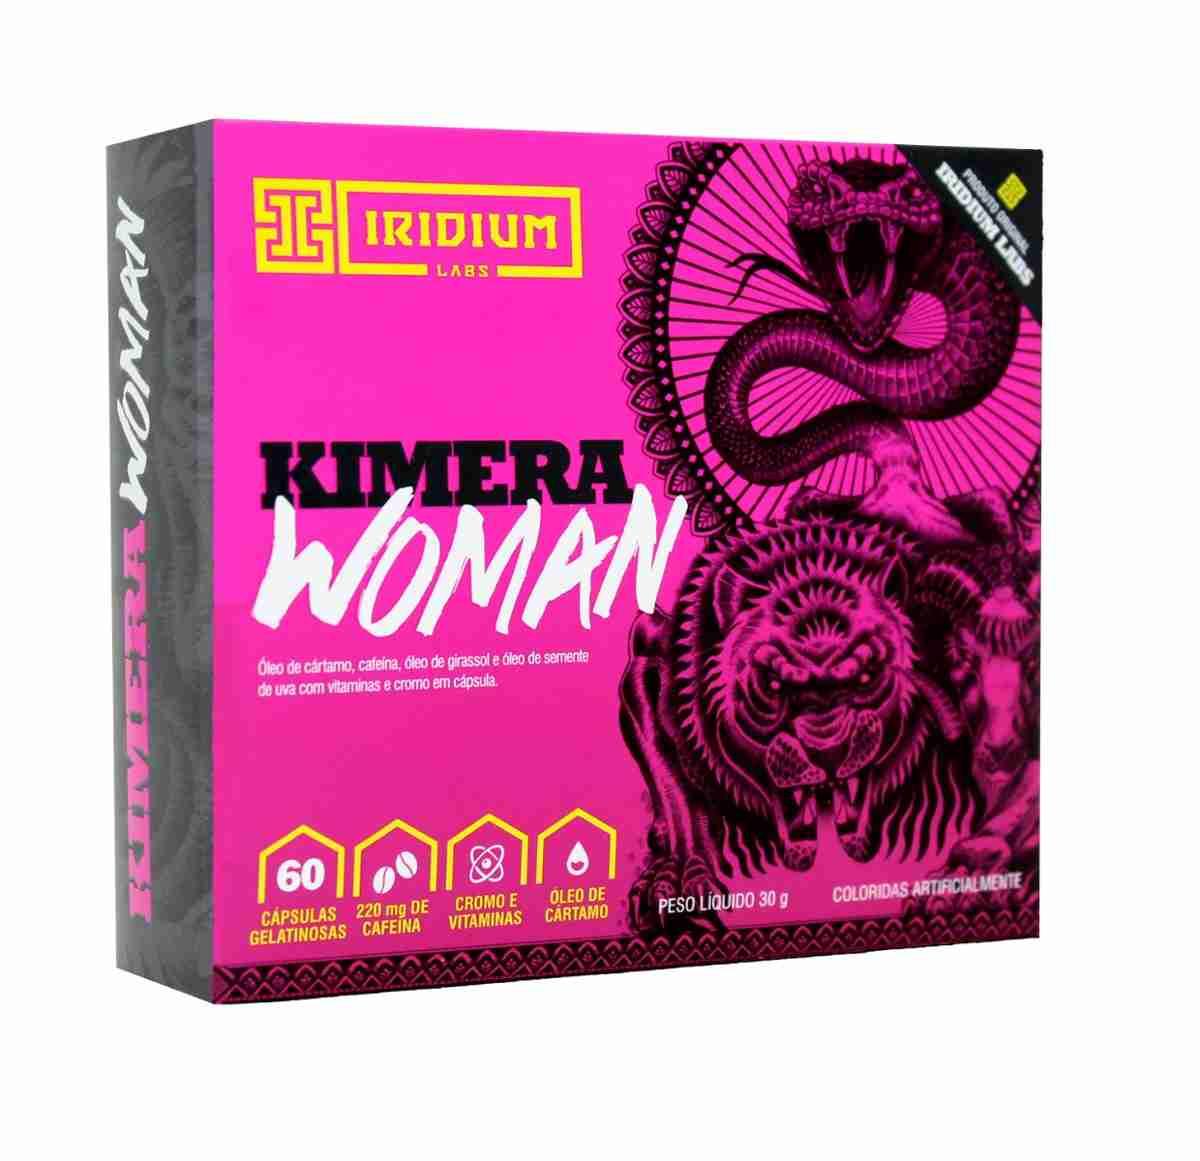 kimera woman